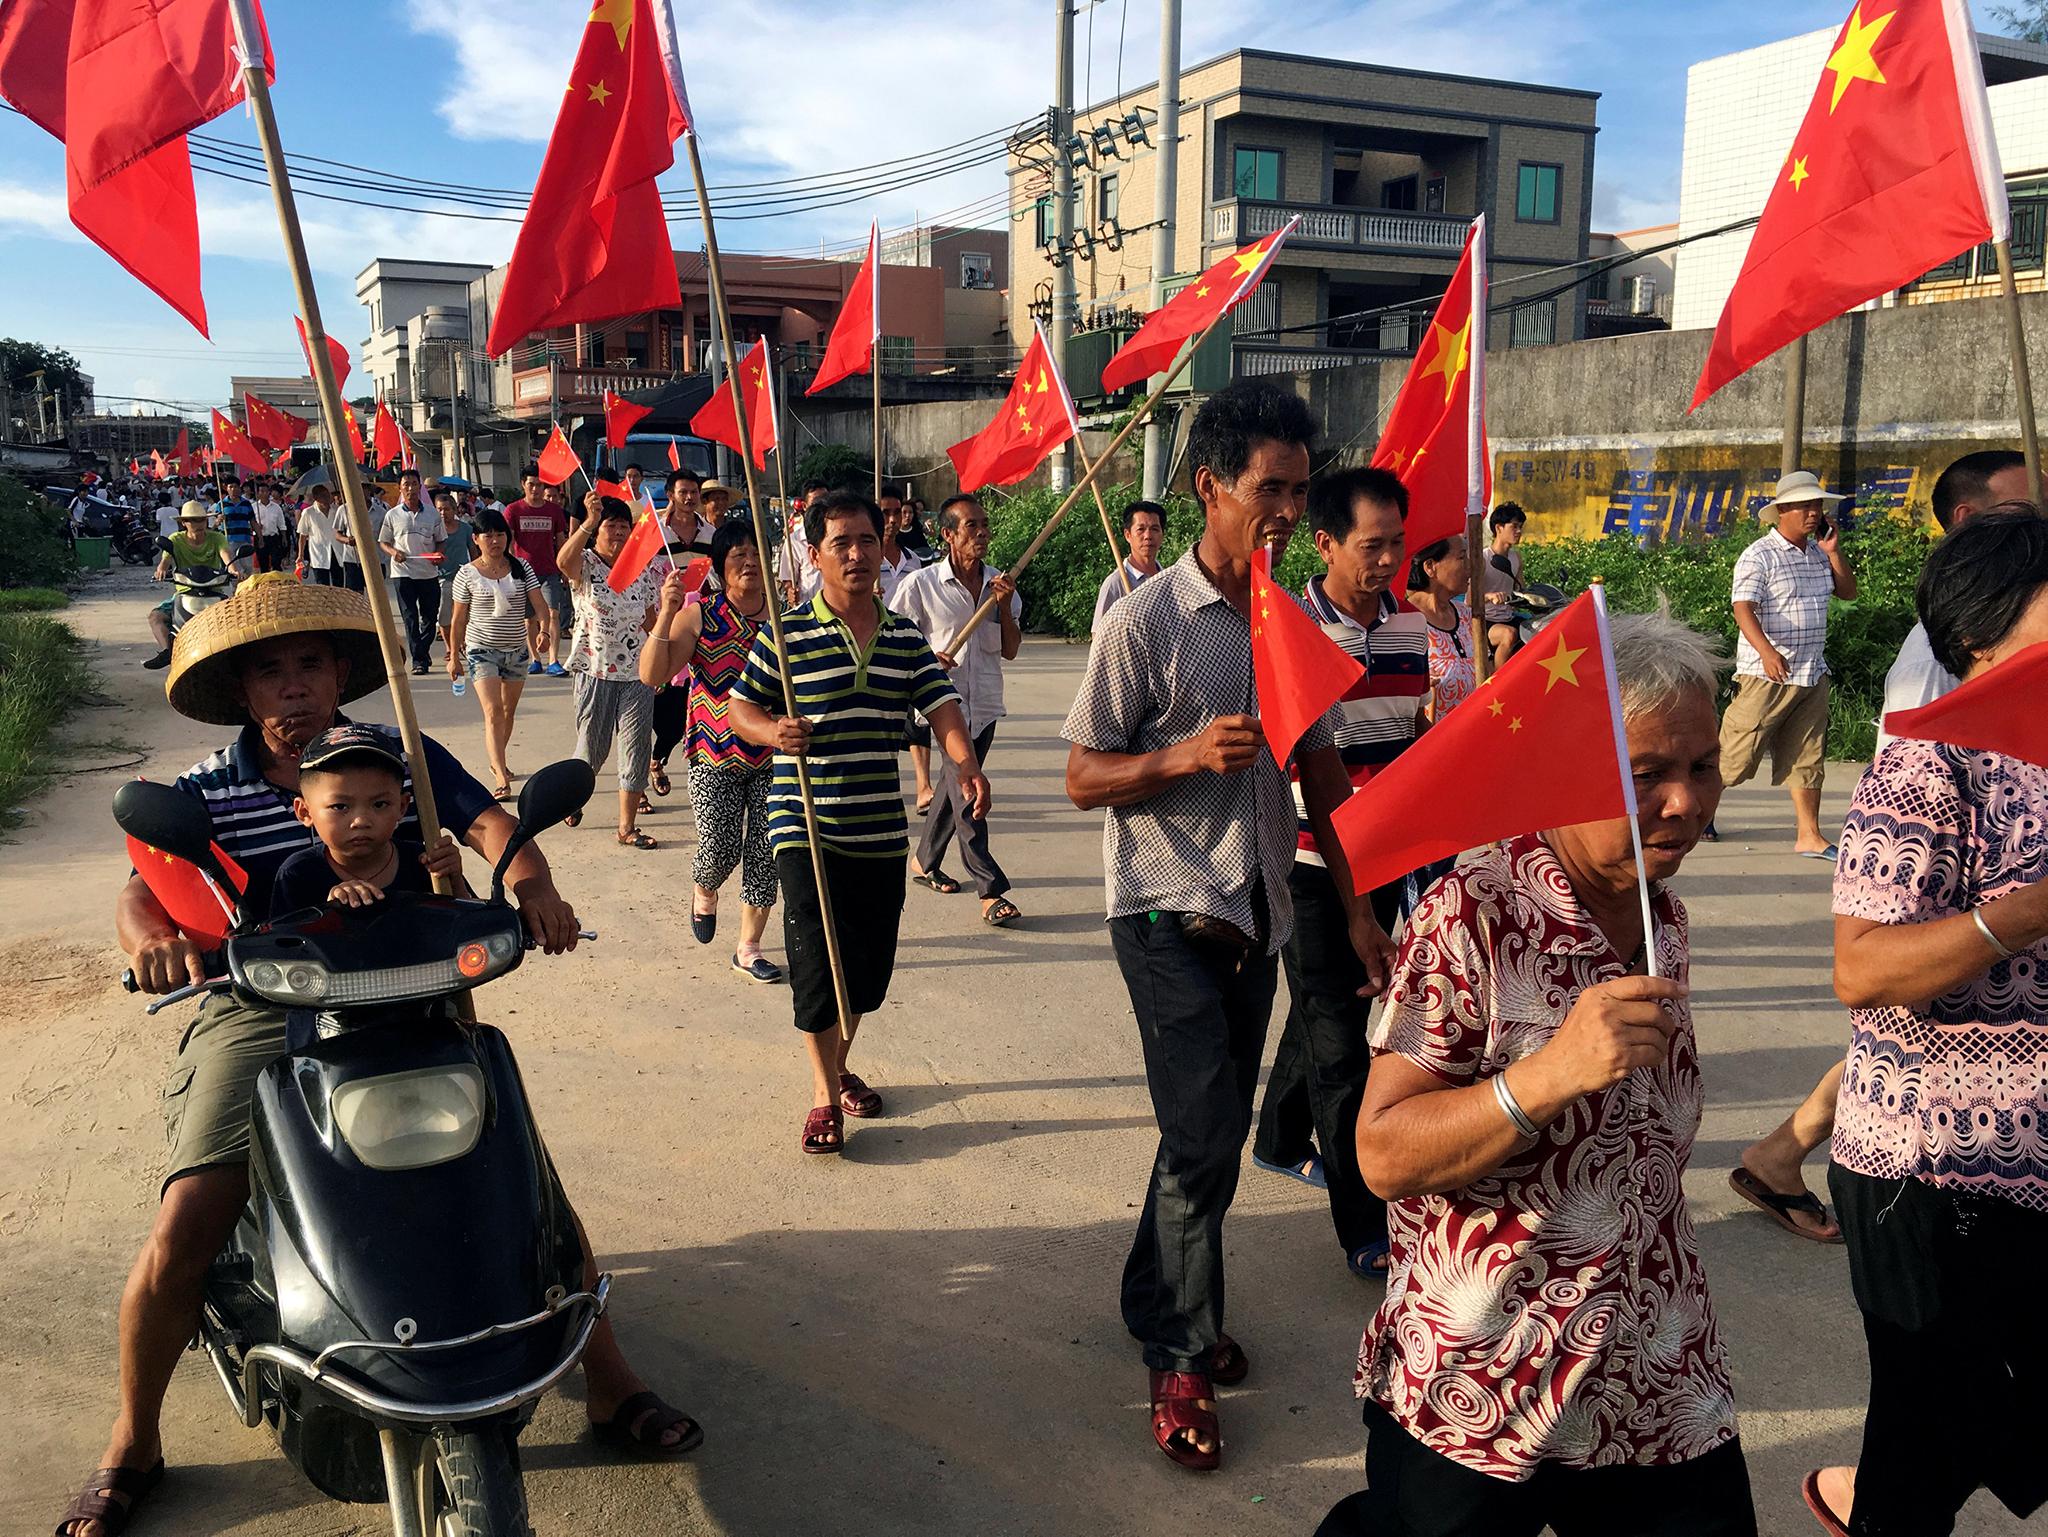 Manifestantes de aldeia democrática condenados à prisão